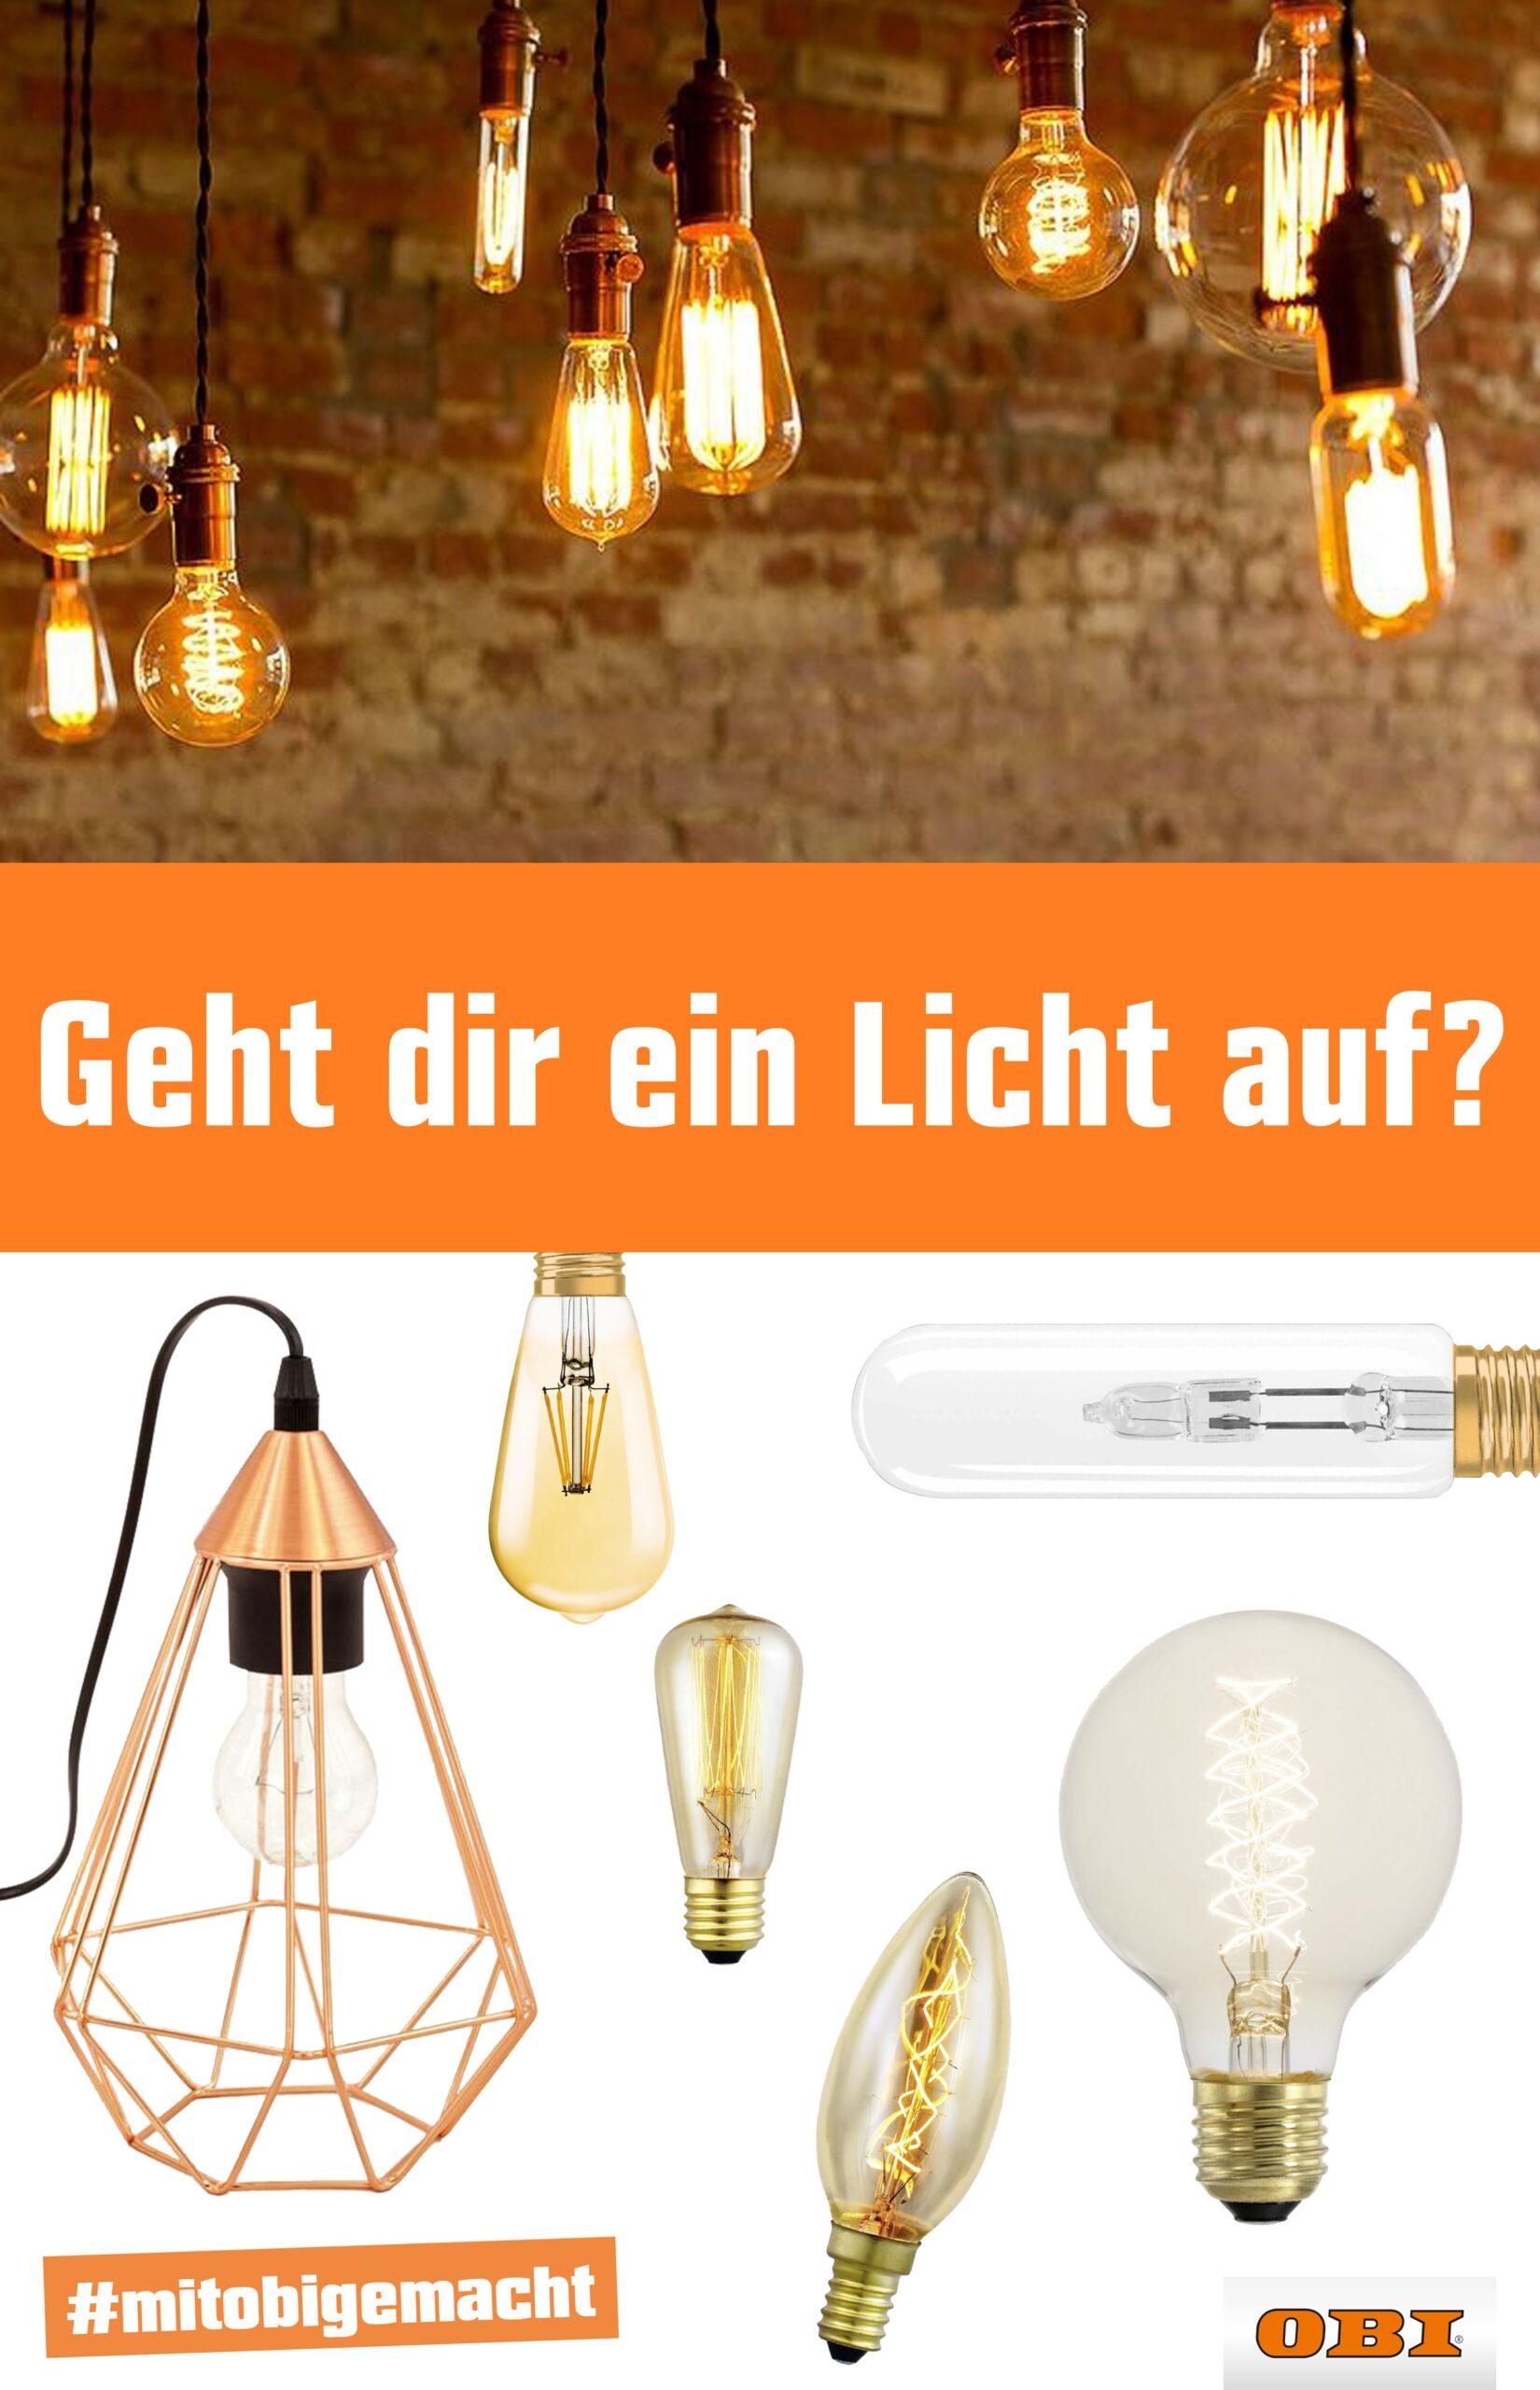 Full Size of Lampen Obi Moderne Design Leuchten Bei Mit Bildern Deckenlampen Wohnzimmer Küche Nobilia Bad Designer Esstisch Regale Badezimmer Schlafzimmer Einbauküche Led Wohnzimmer Lampen Obi